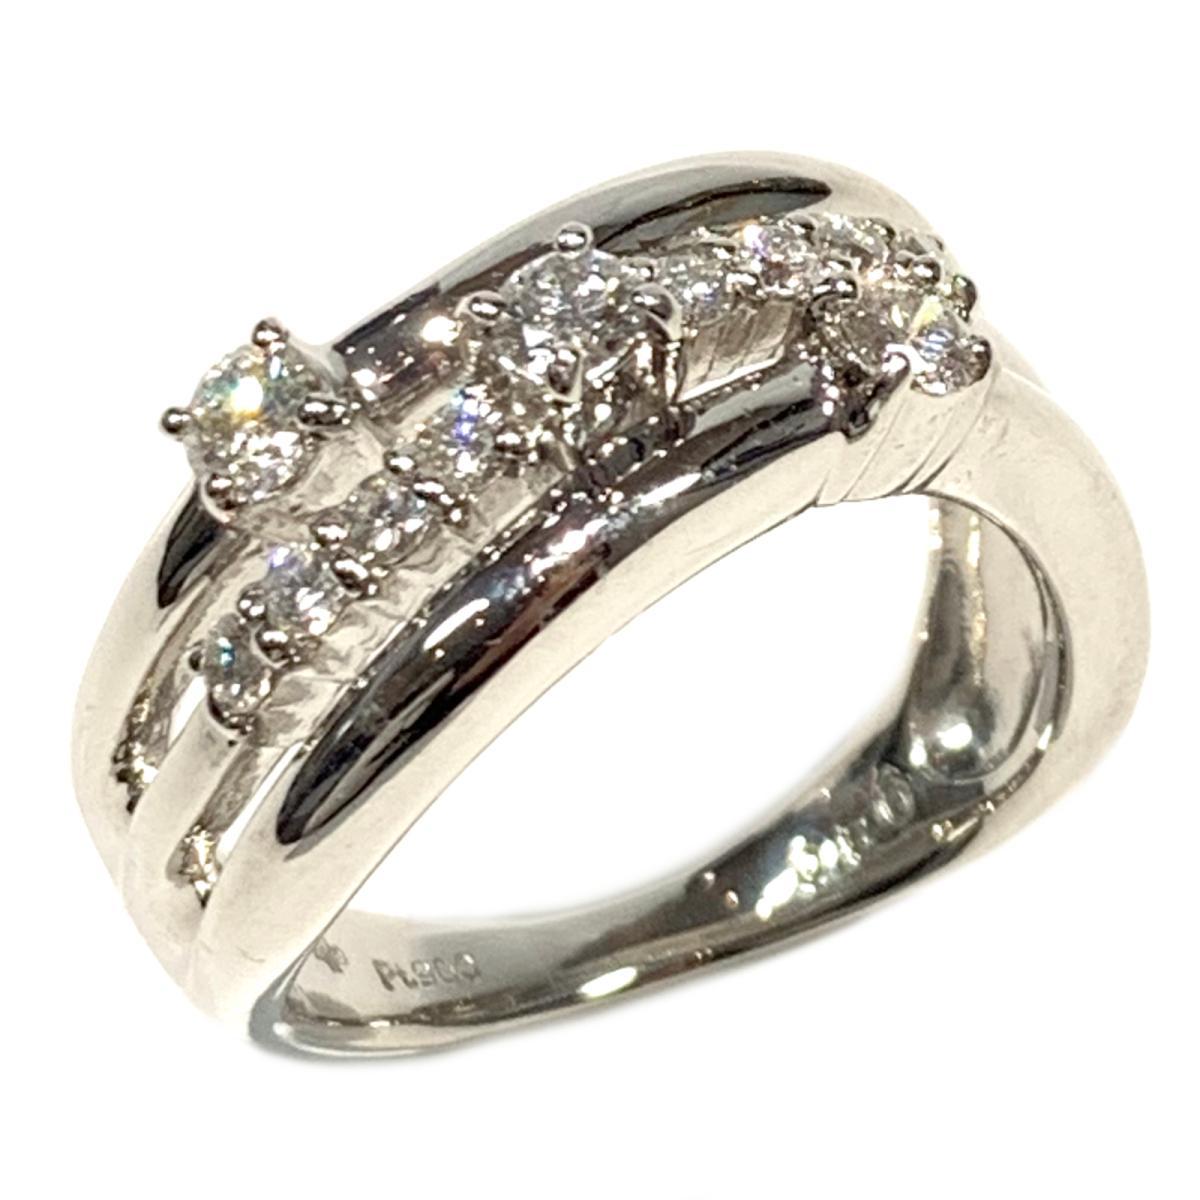 【中古】 ジュエリー ダイヤモンド リング 指輪 レディース PT900 プラチナ x 0.50ct シルバー | JEWELRY BRANDOFF ブランドオフ ブランド アクセサリー